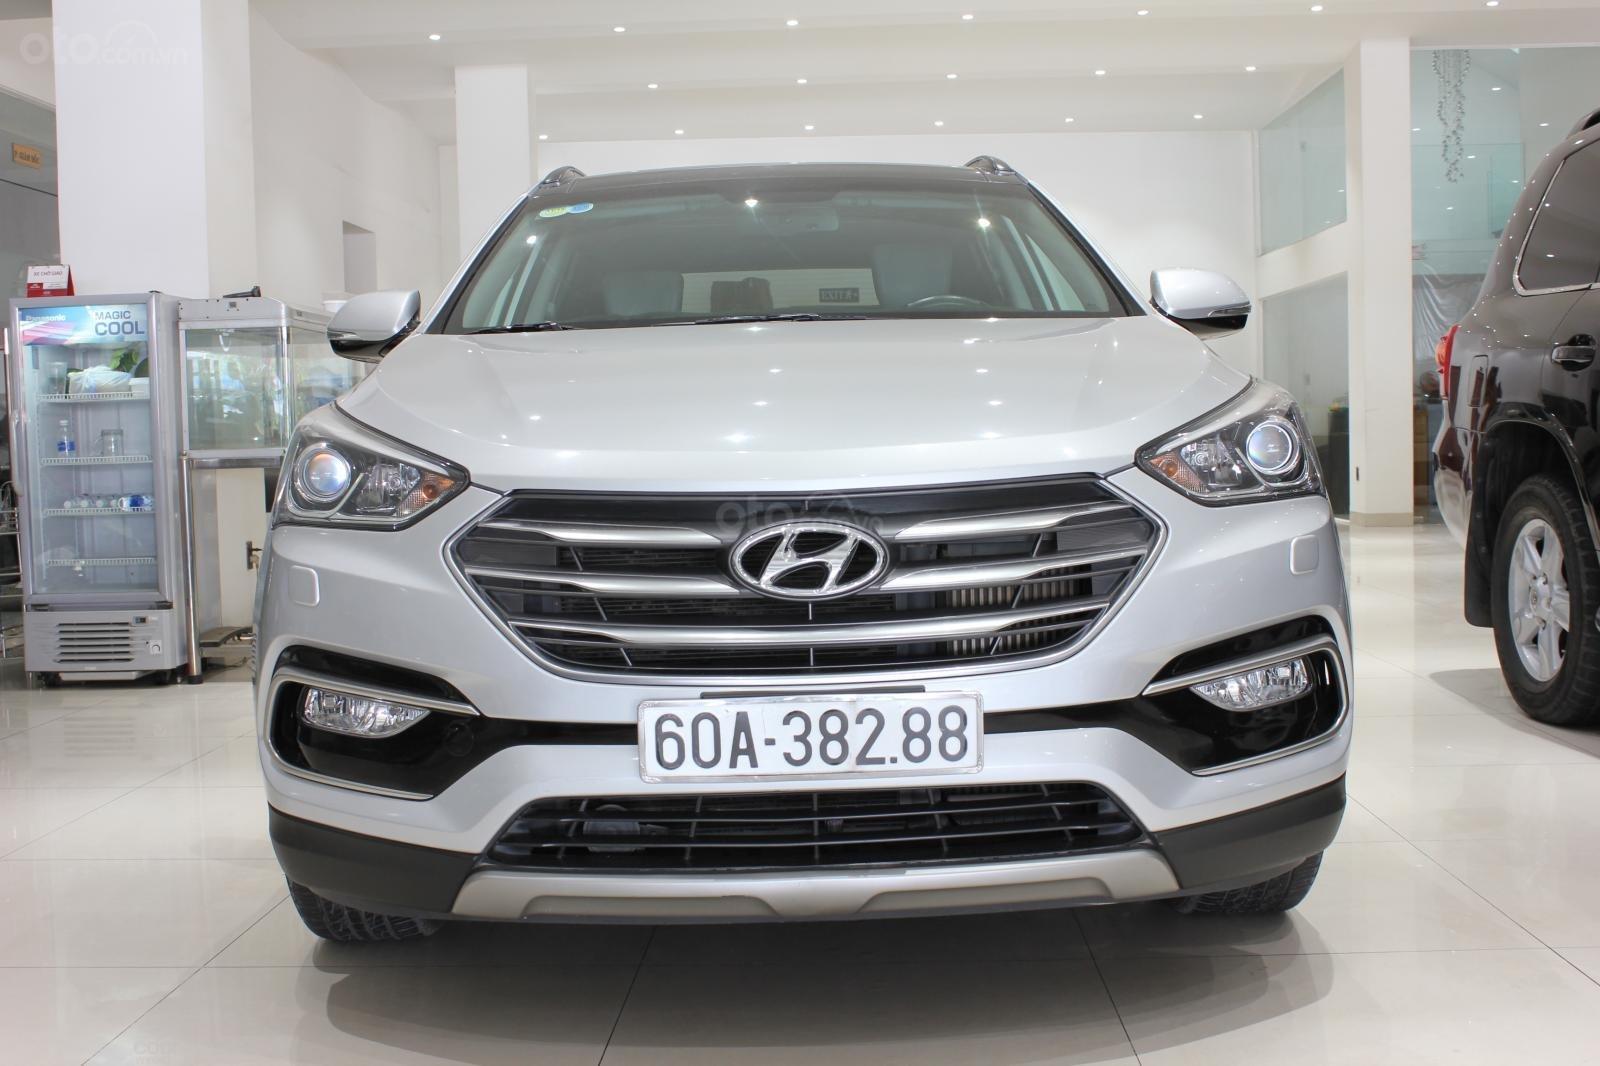 Bán xe Hyundai Santa Fe 2.2 4WD năm sản xuất 2017, màu bạc (2)